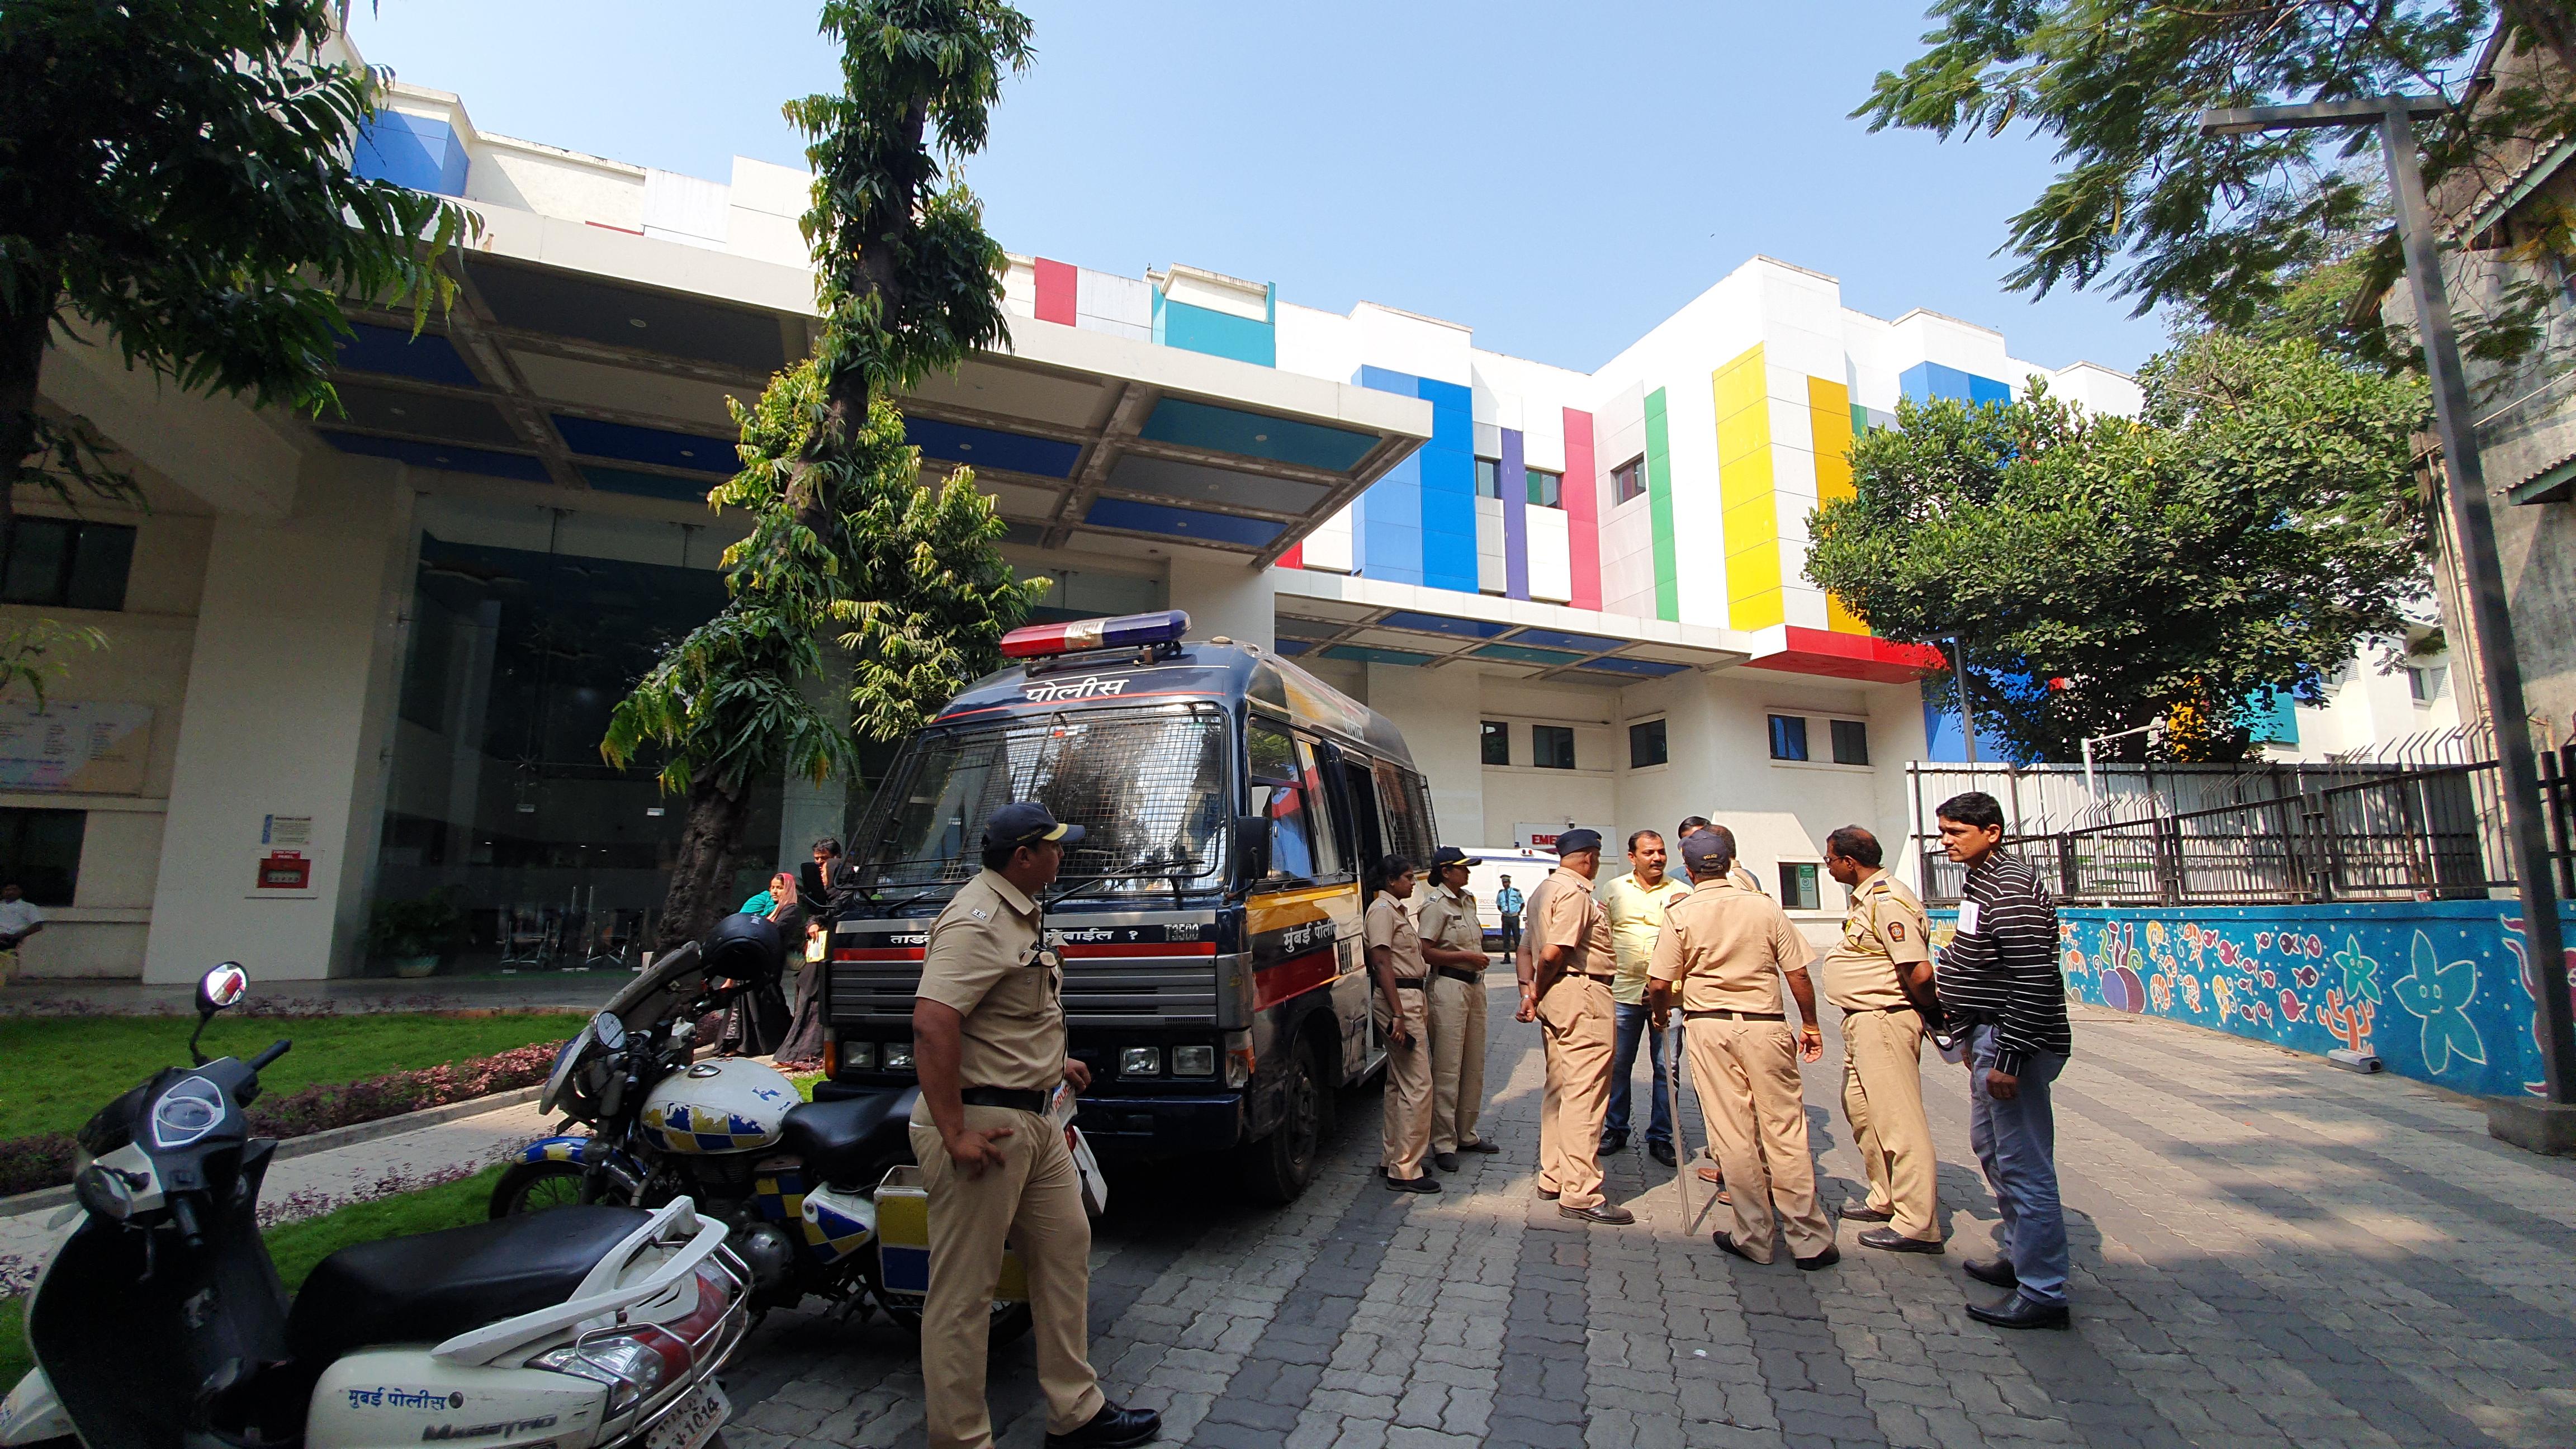 SRCC Children's Hospital